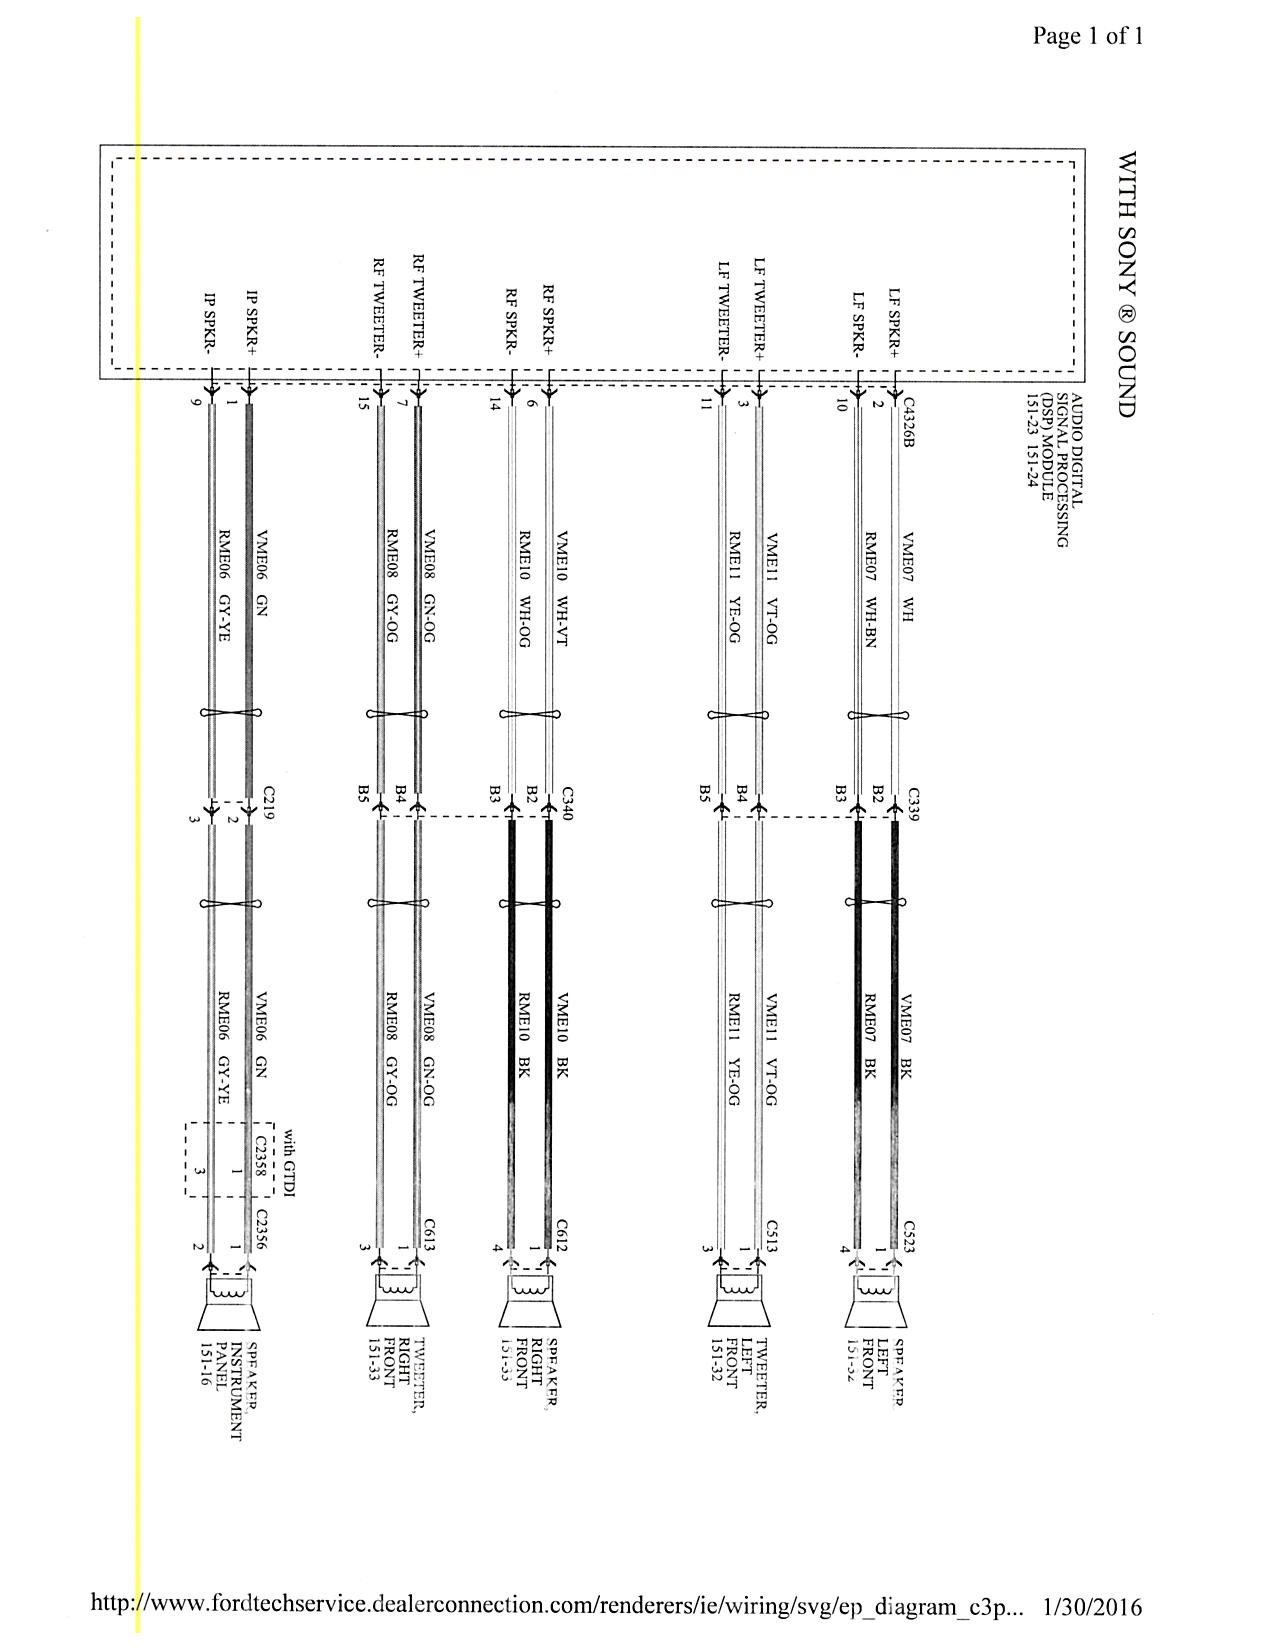 2015 Focus MK3.5 Stereo wiring diagram? | Focus Fanatics ForumFocus Fanatics Forum